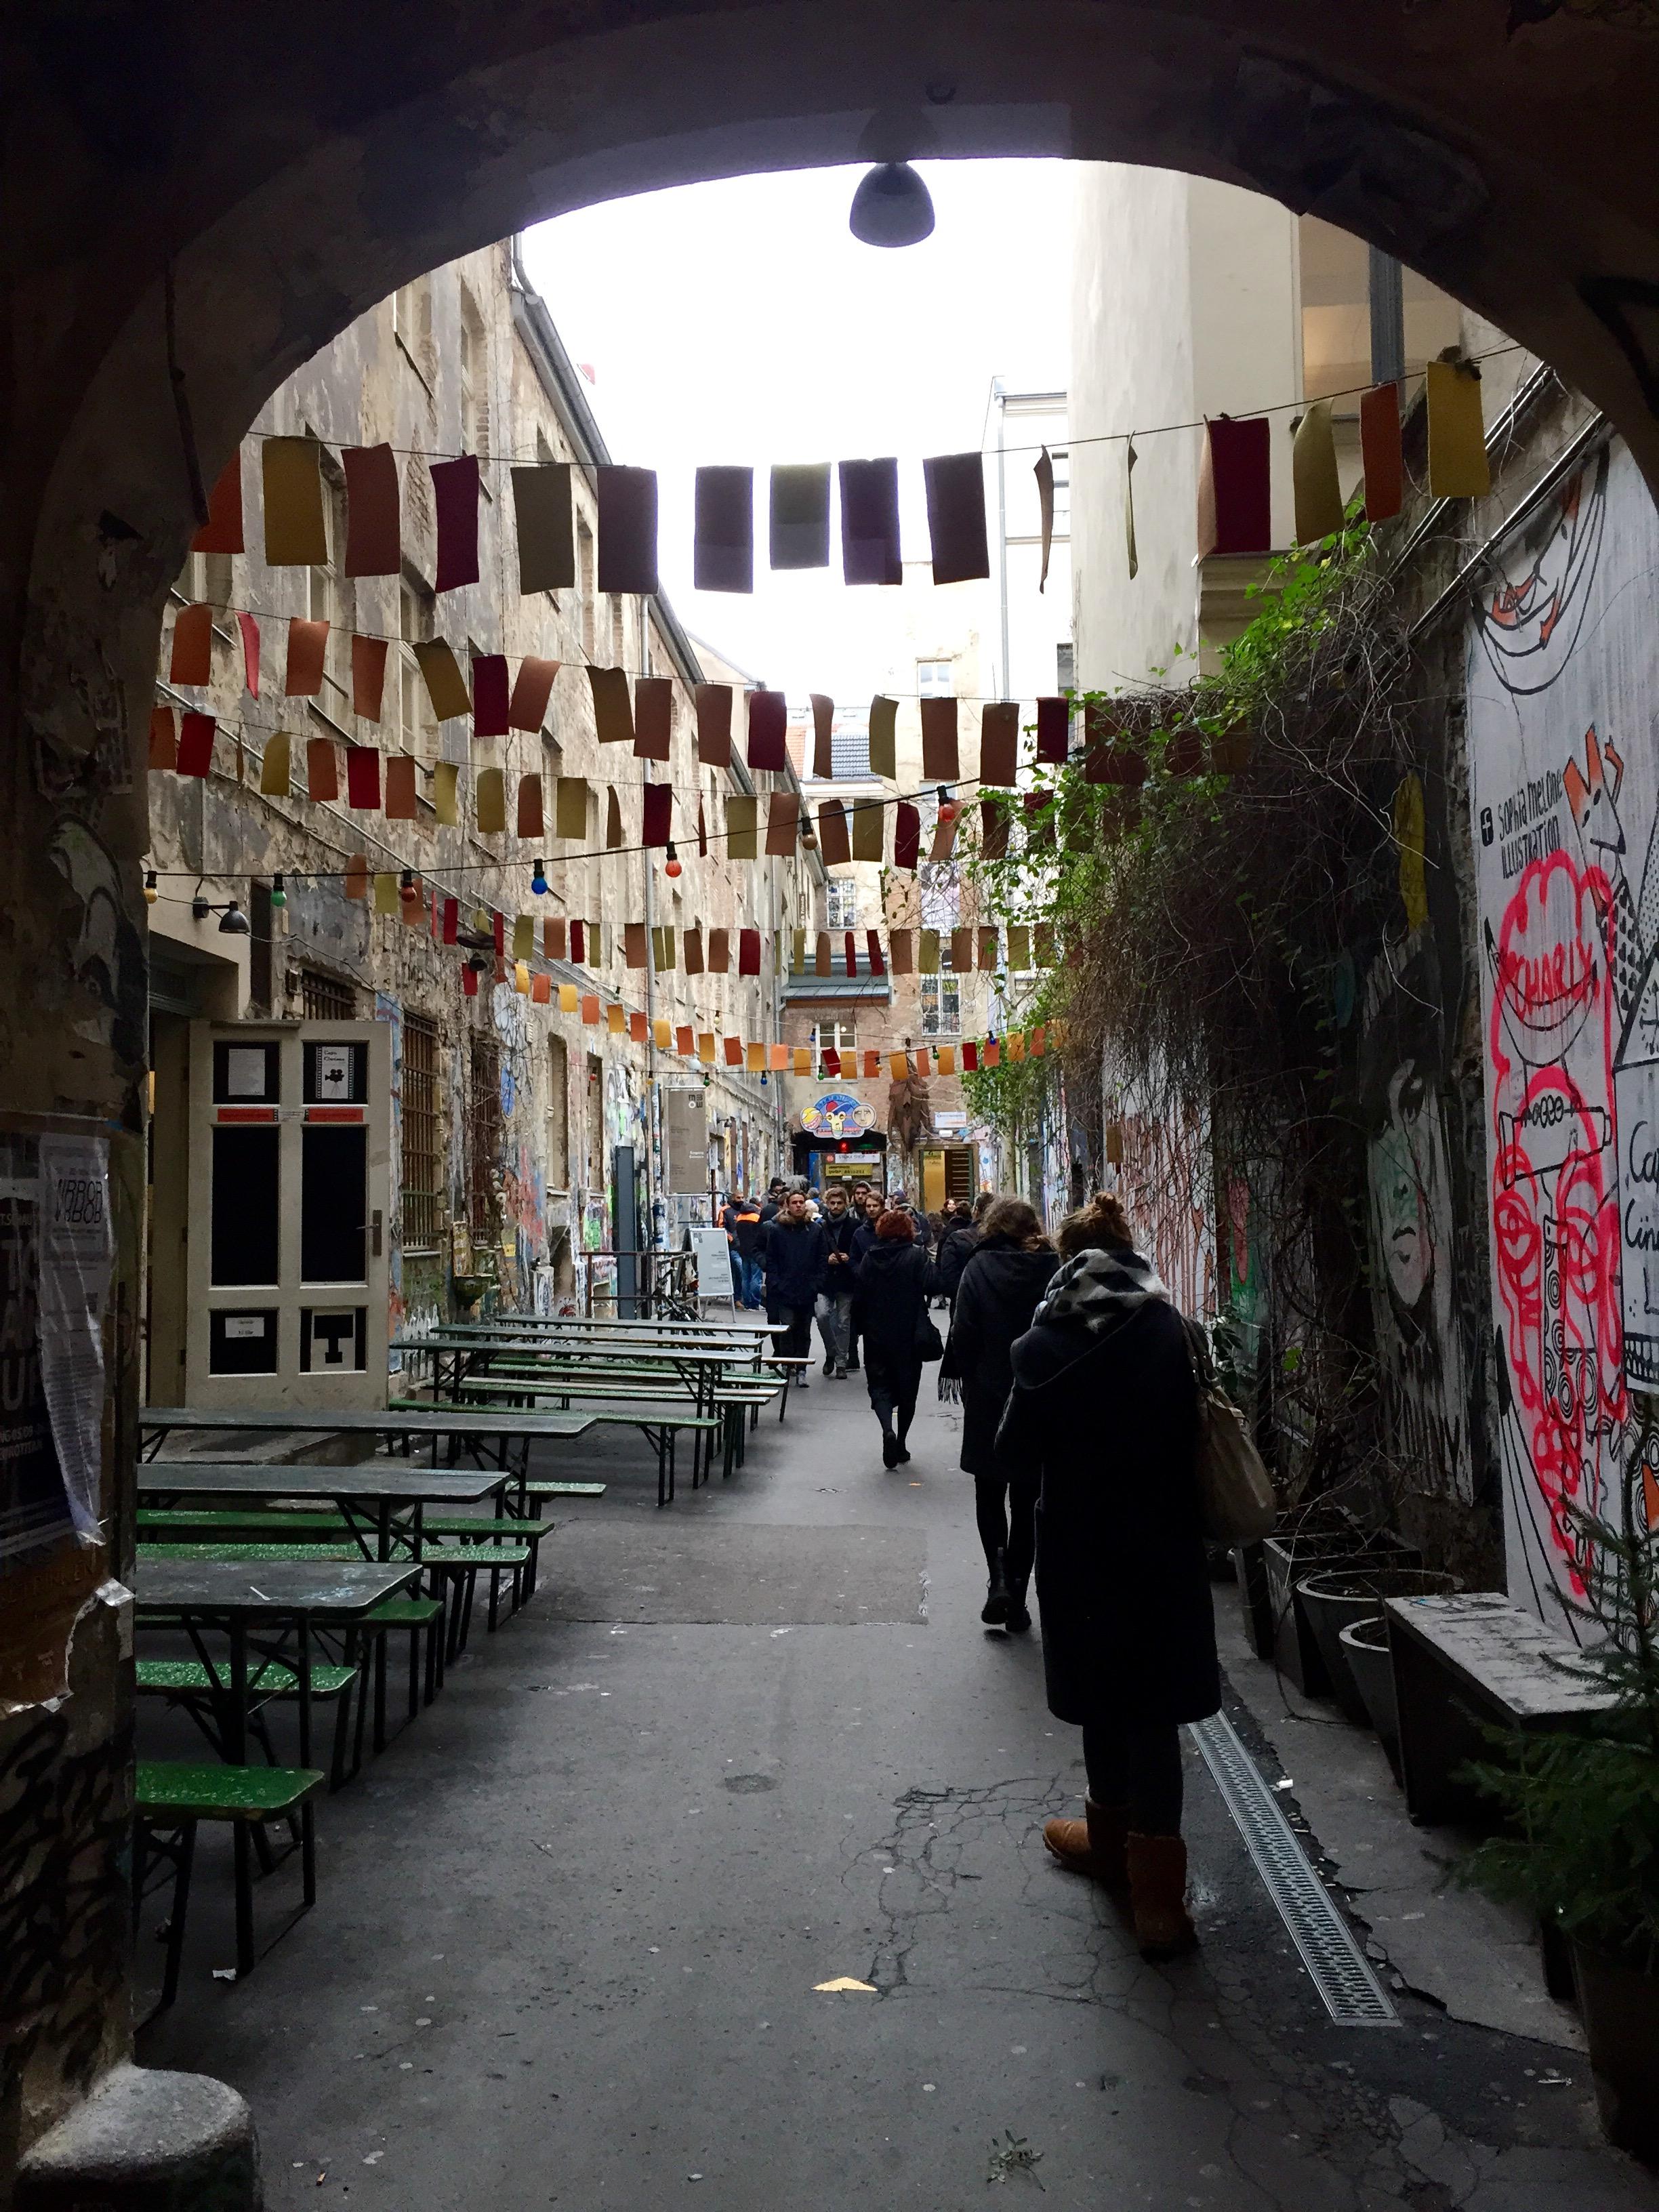 Street Art Courtyard, Berlin, Germany